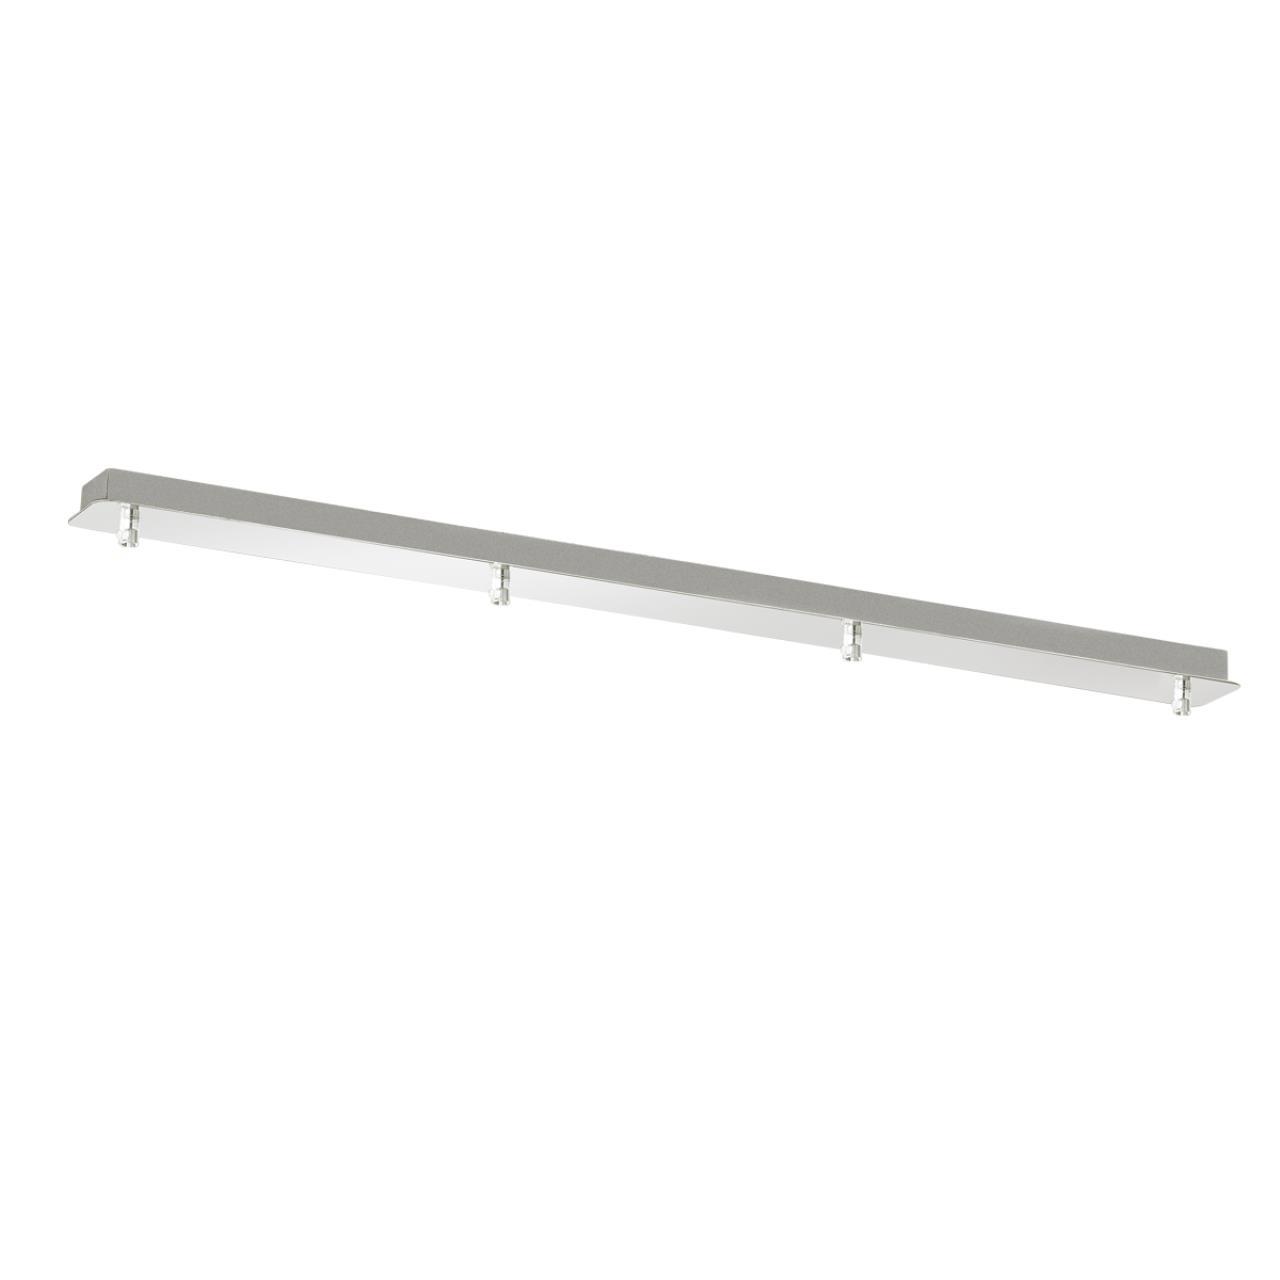 Основание для светильника Lumion 4505/4 Suspentioni